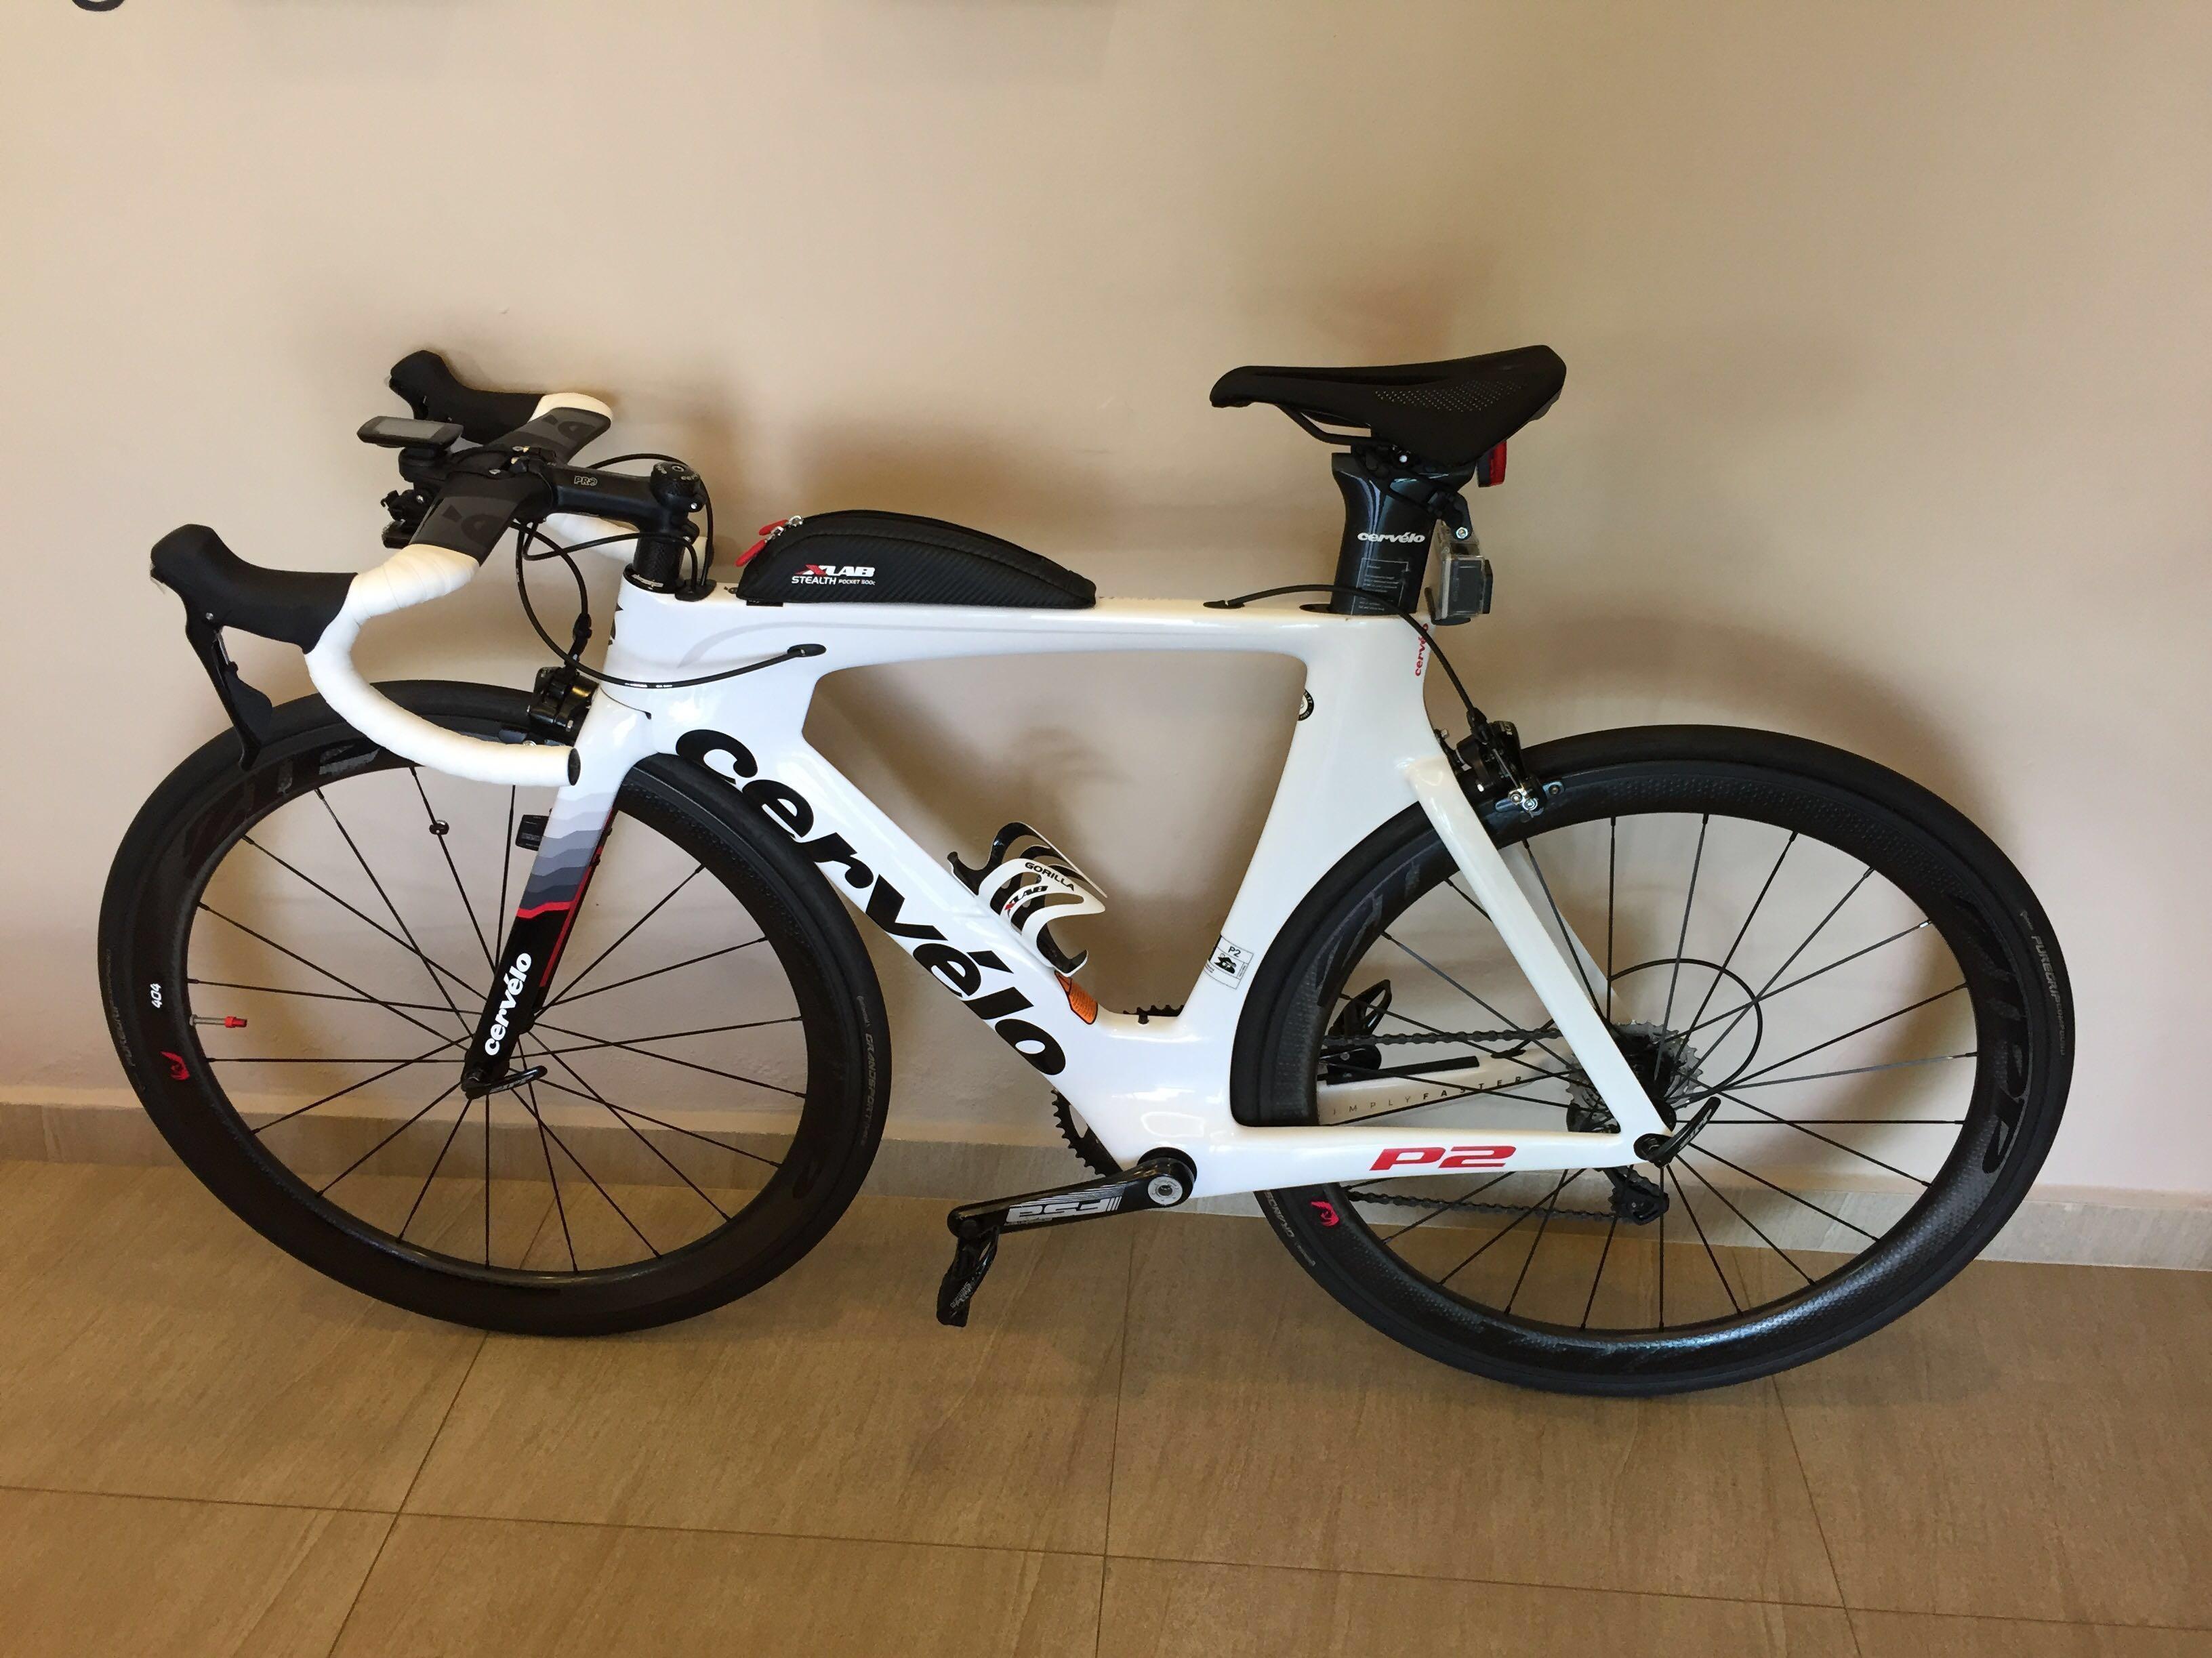 2017 Cervelo P2 TT / Road Bike Setup